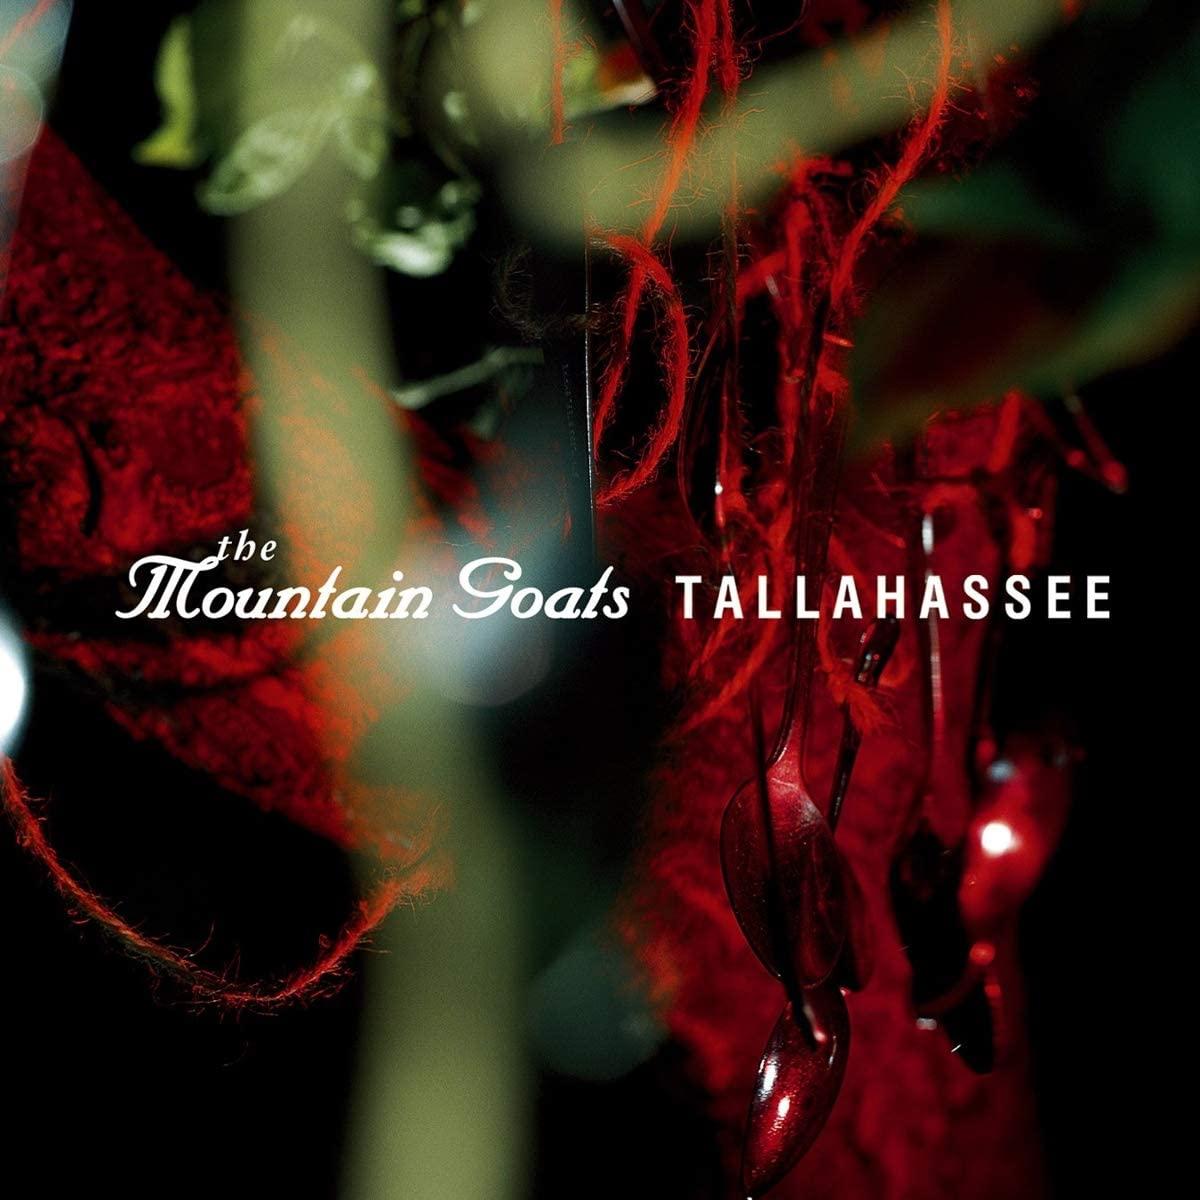 The Mountain Goats - Tallahassee Vinyl